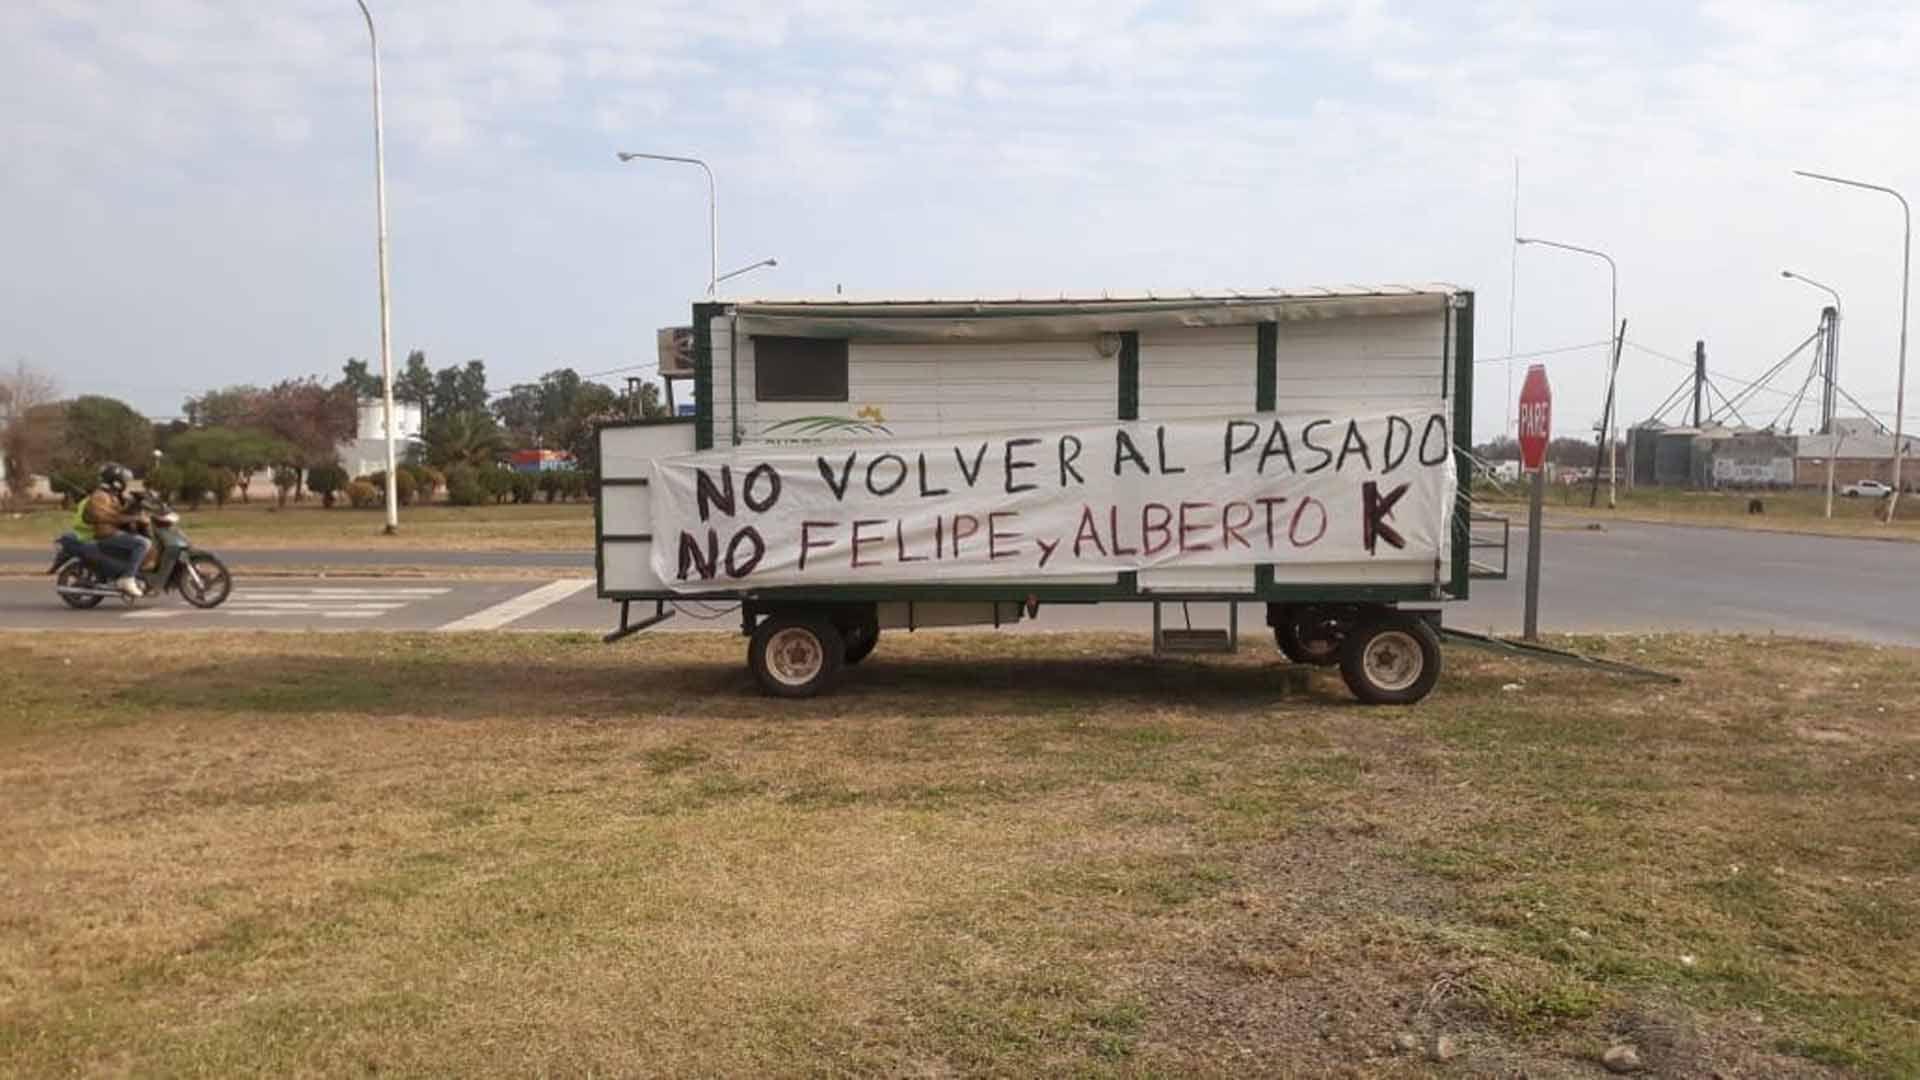 Otro de los carteles que se vio en la ruta 89, en la localidad de Las Breñas.